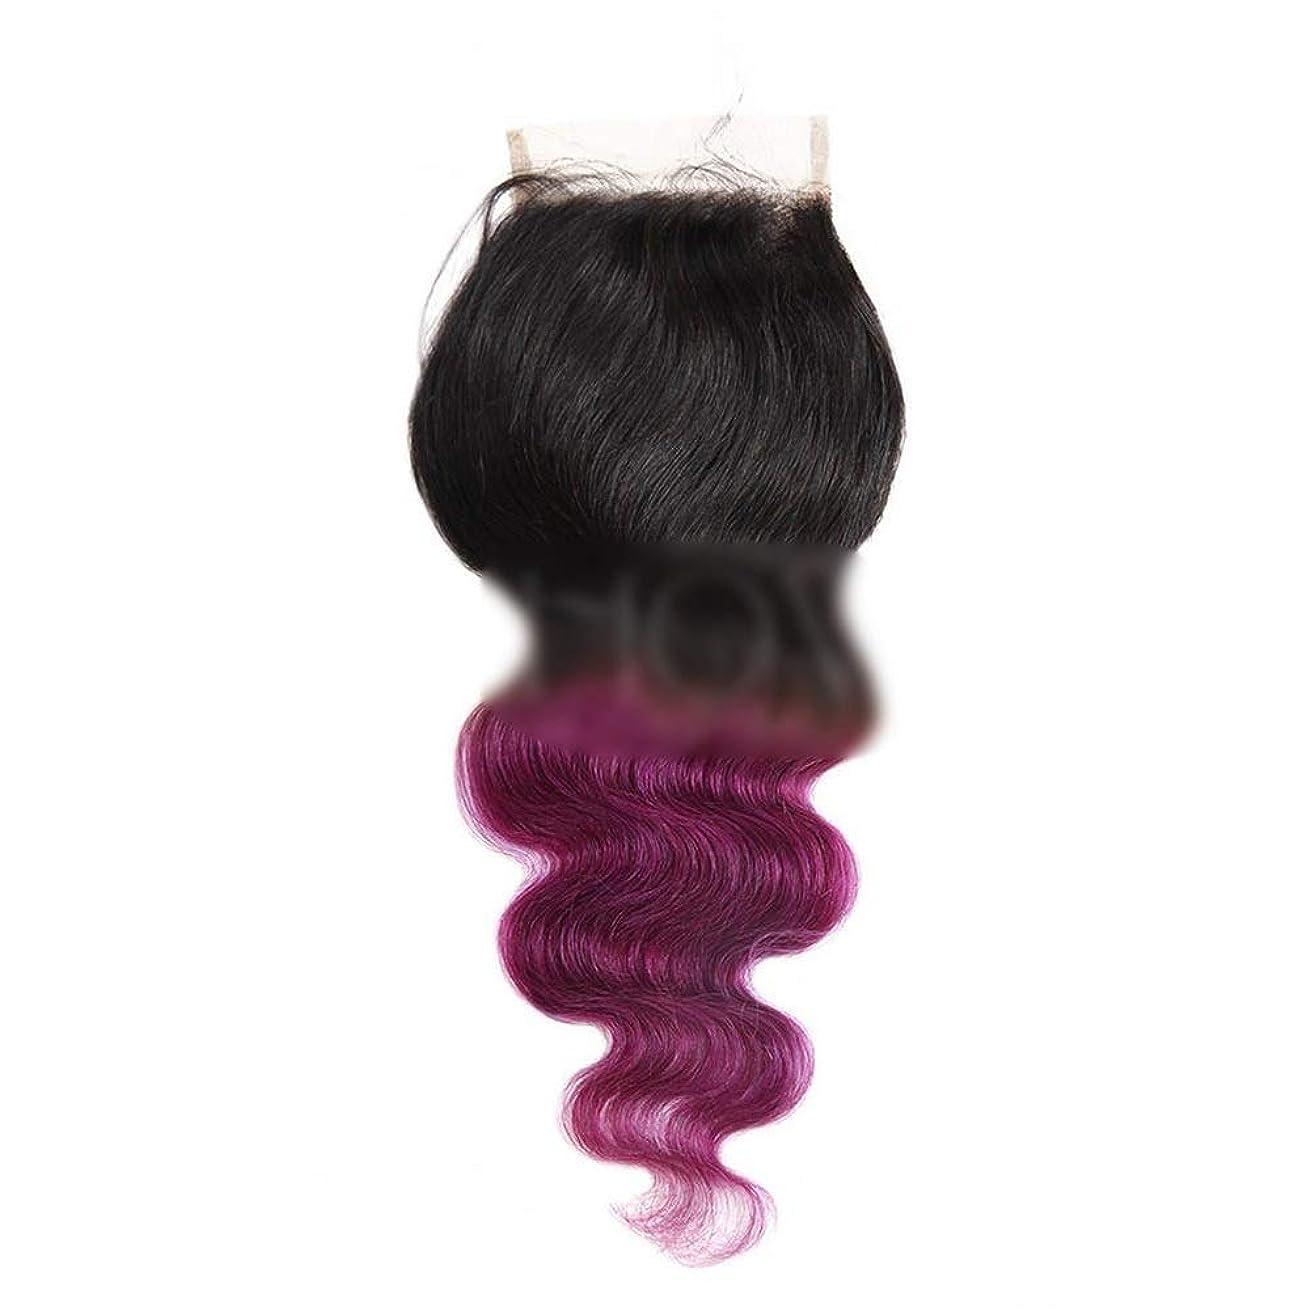 刺します忘れる避けられないBOBIDYEE オンブルヘアエクステンションブラジルの髪の実体波1閉鎖と髪の束 - T1B /パープル2トーンカラー(12